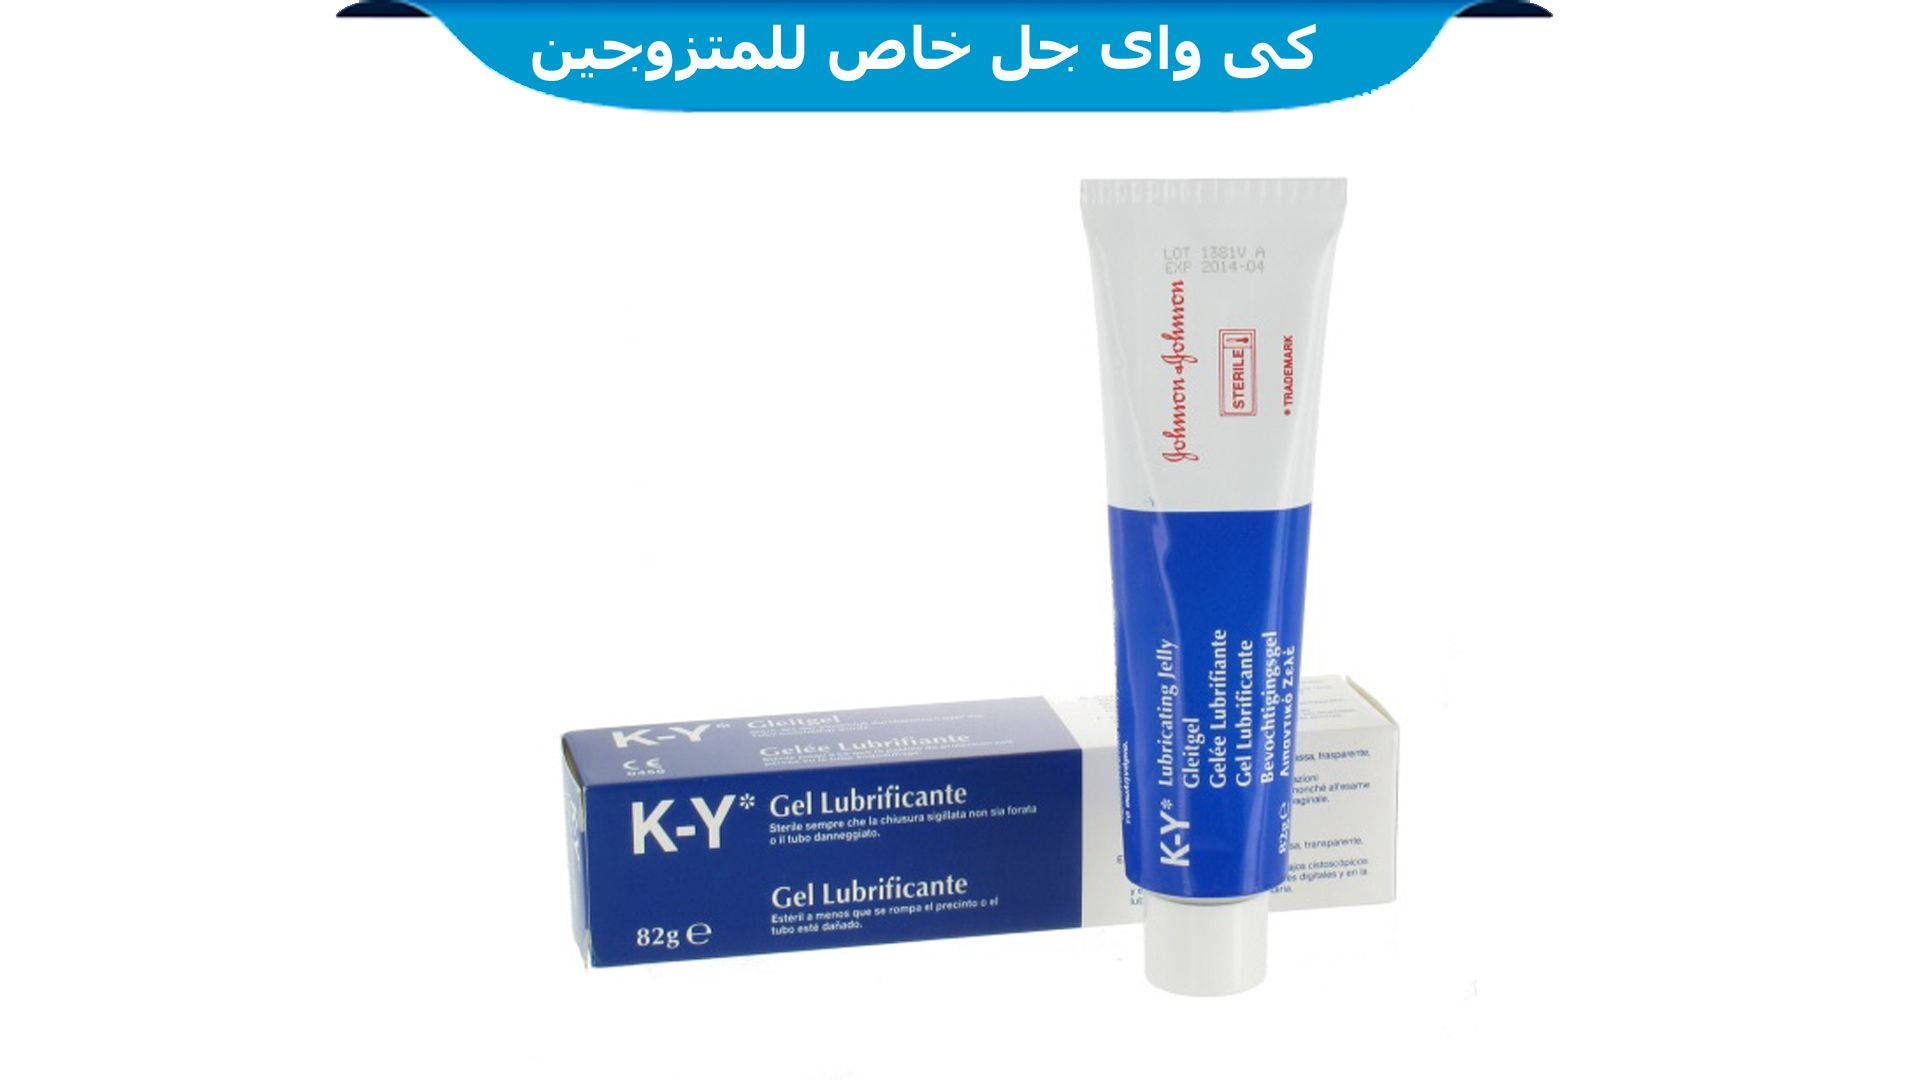 a2ba04b7d وداااااااااااااااااعآ لعذاب الجماع مع كريم ky-gel دلوقتى الجماع هيكون كل  يوم بدون التهابات ولا